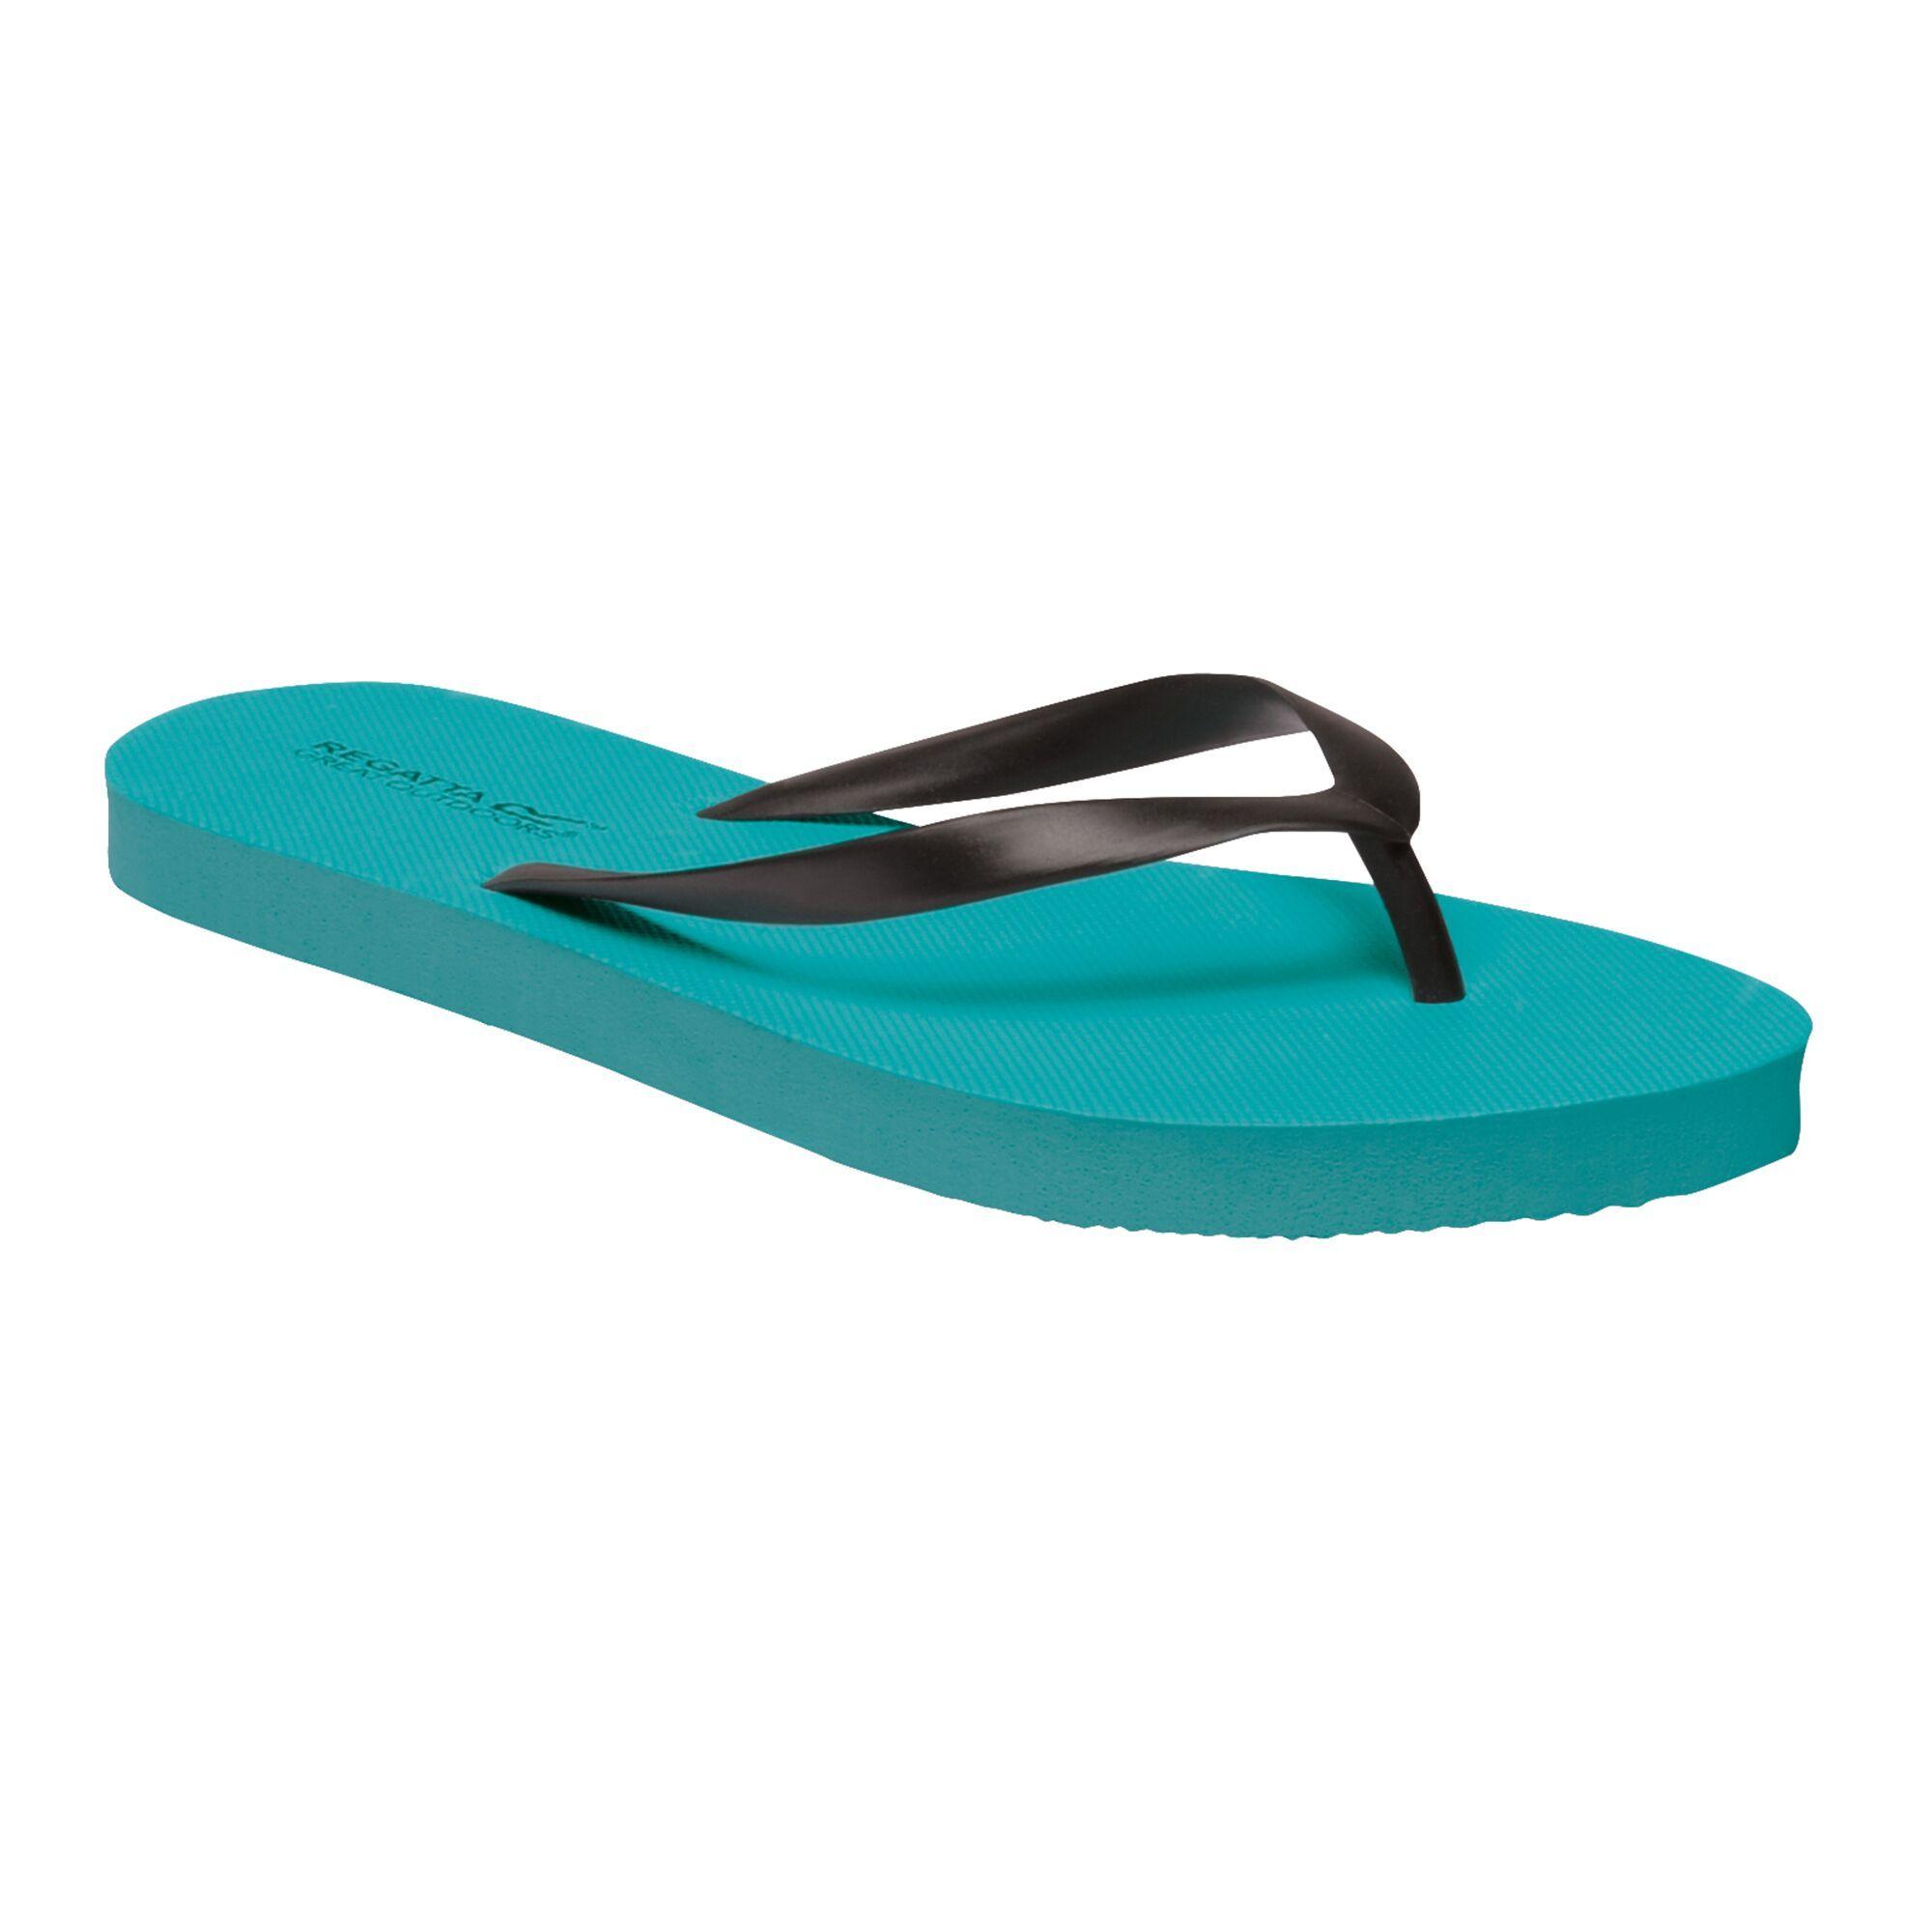 Regatta Womens/Ladies Lady Bali Flip Flops